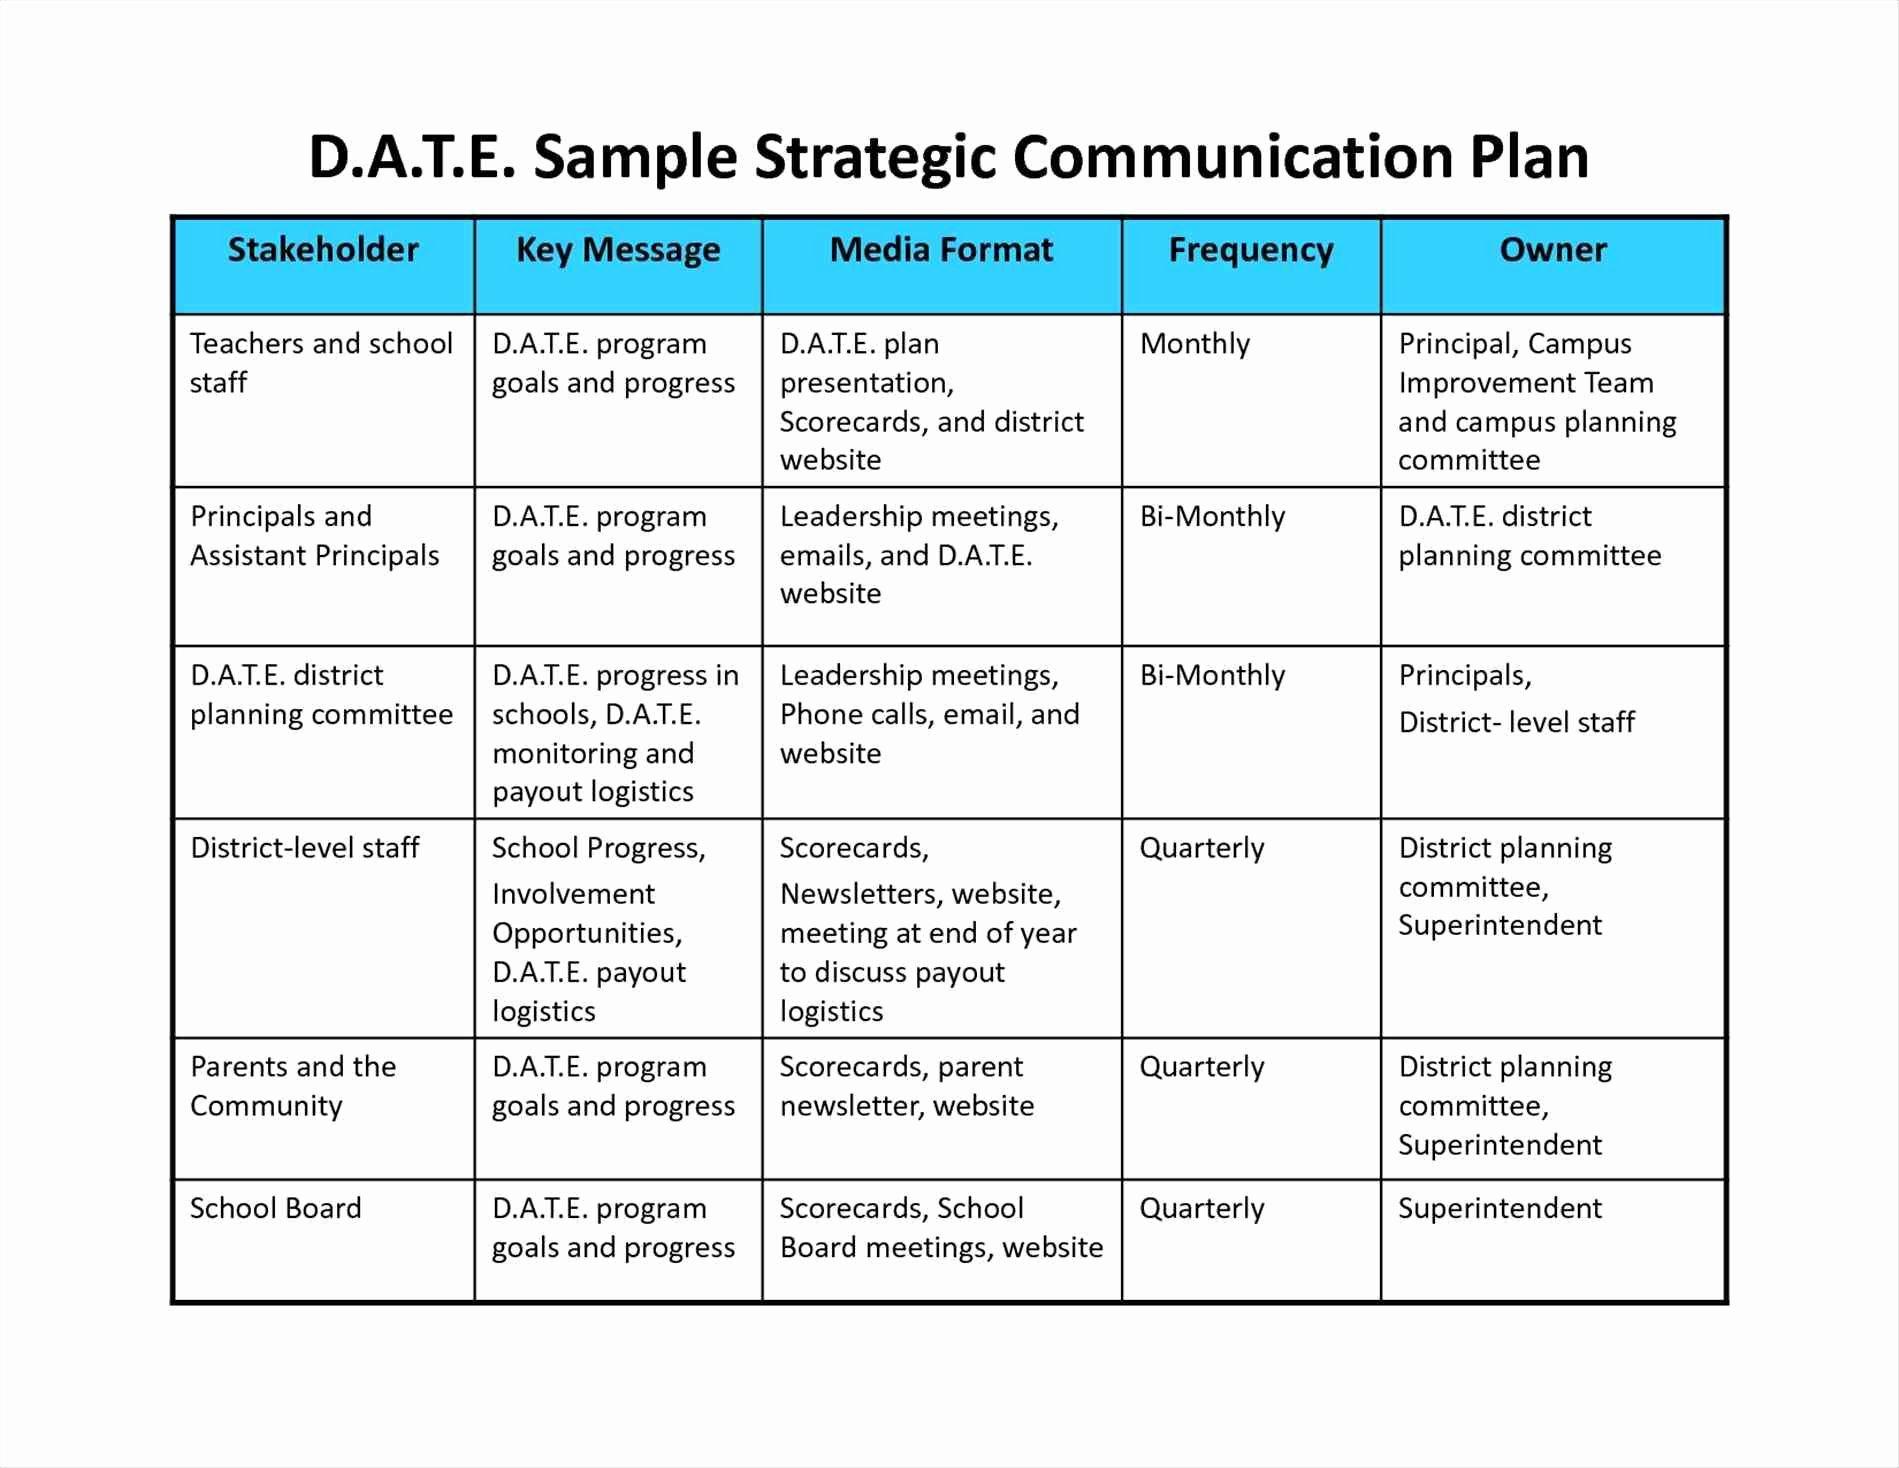 Sample Communications Plan Template Beautiful Pin by Luke at Illinoistech On Marketing & Munications